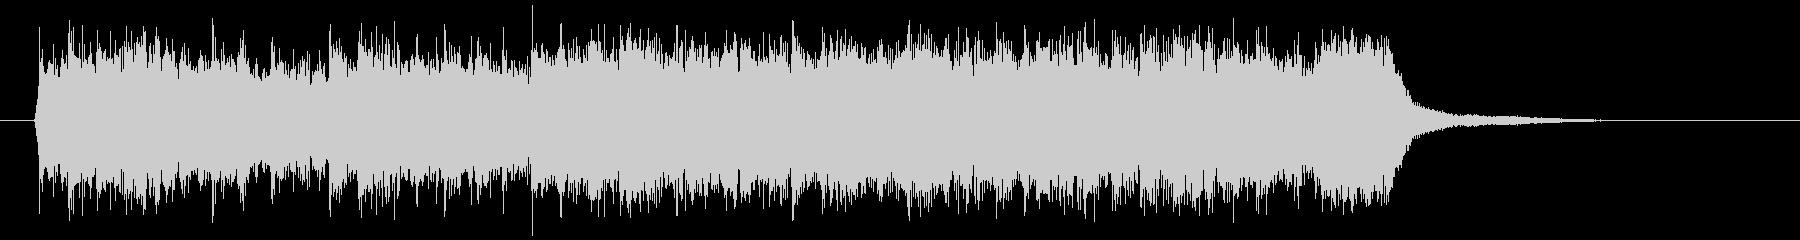 ホーンが雄大なミディアムテンポのシンセ曲の未再生の波形